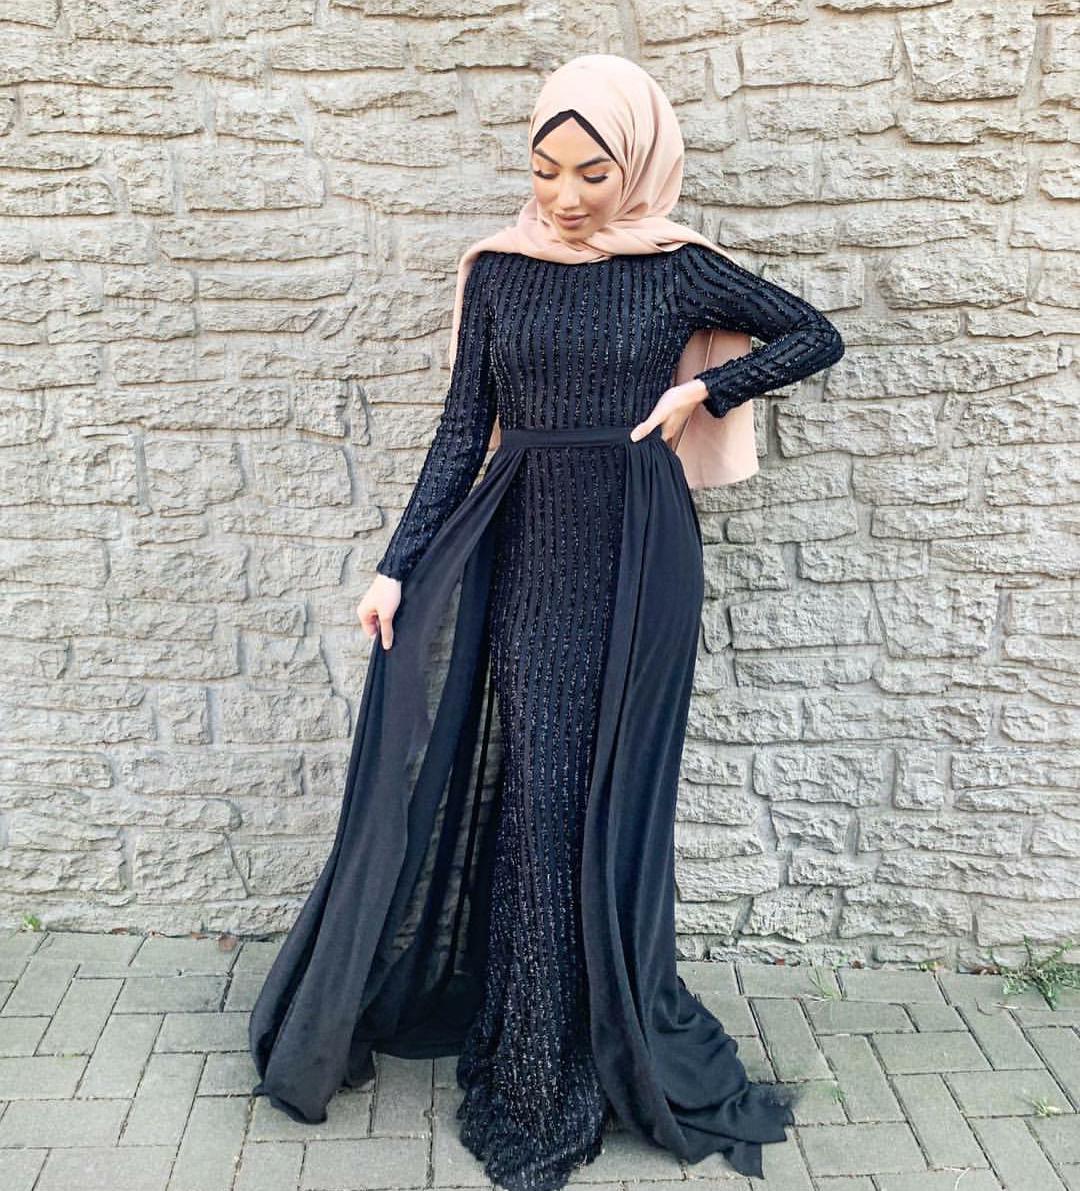 06968d095 لا خلاف على أن الأسود هو ملك الألوان، لذا أحرصي على إقتناء فستان سهرة بهذا  اللون الراقي، أختاريه بقصة حورية البحر Mermaid cut لإطلالة ممشوقة.